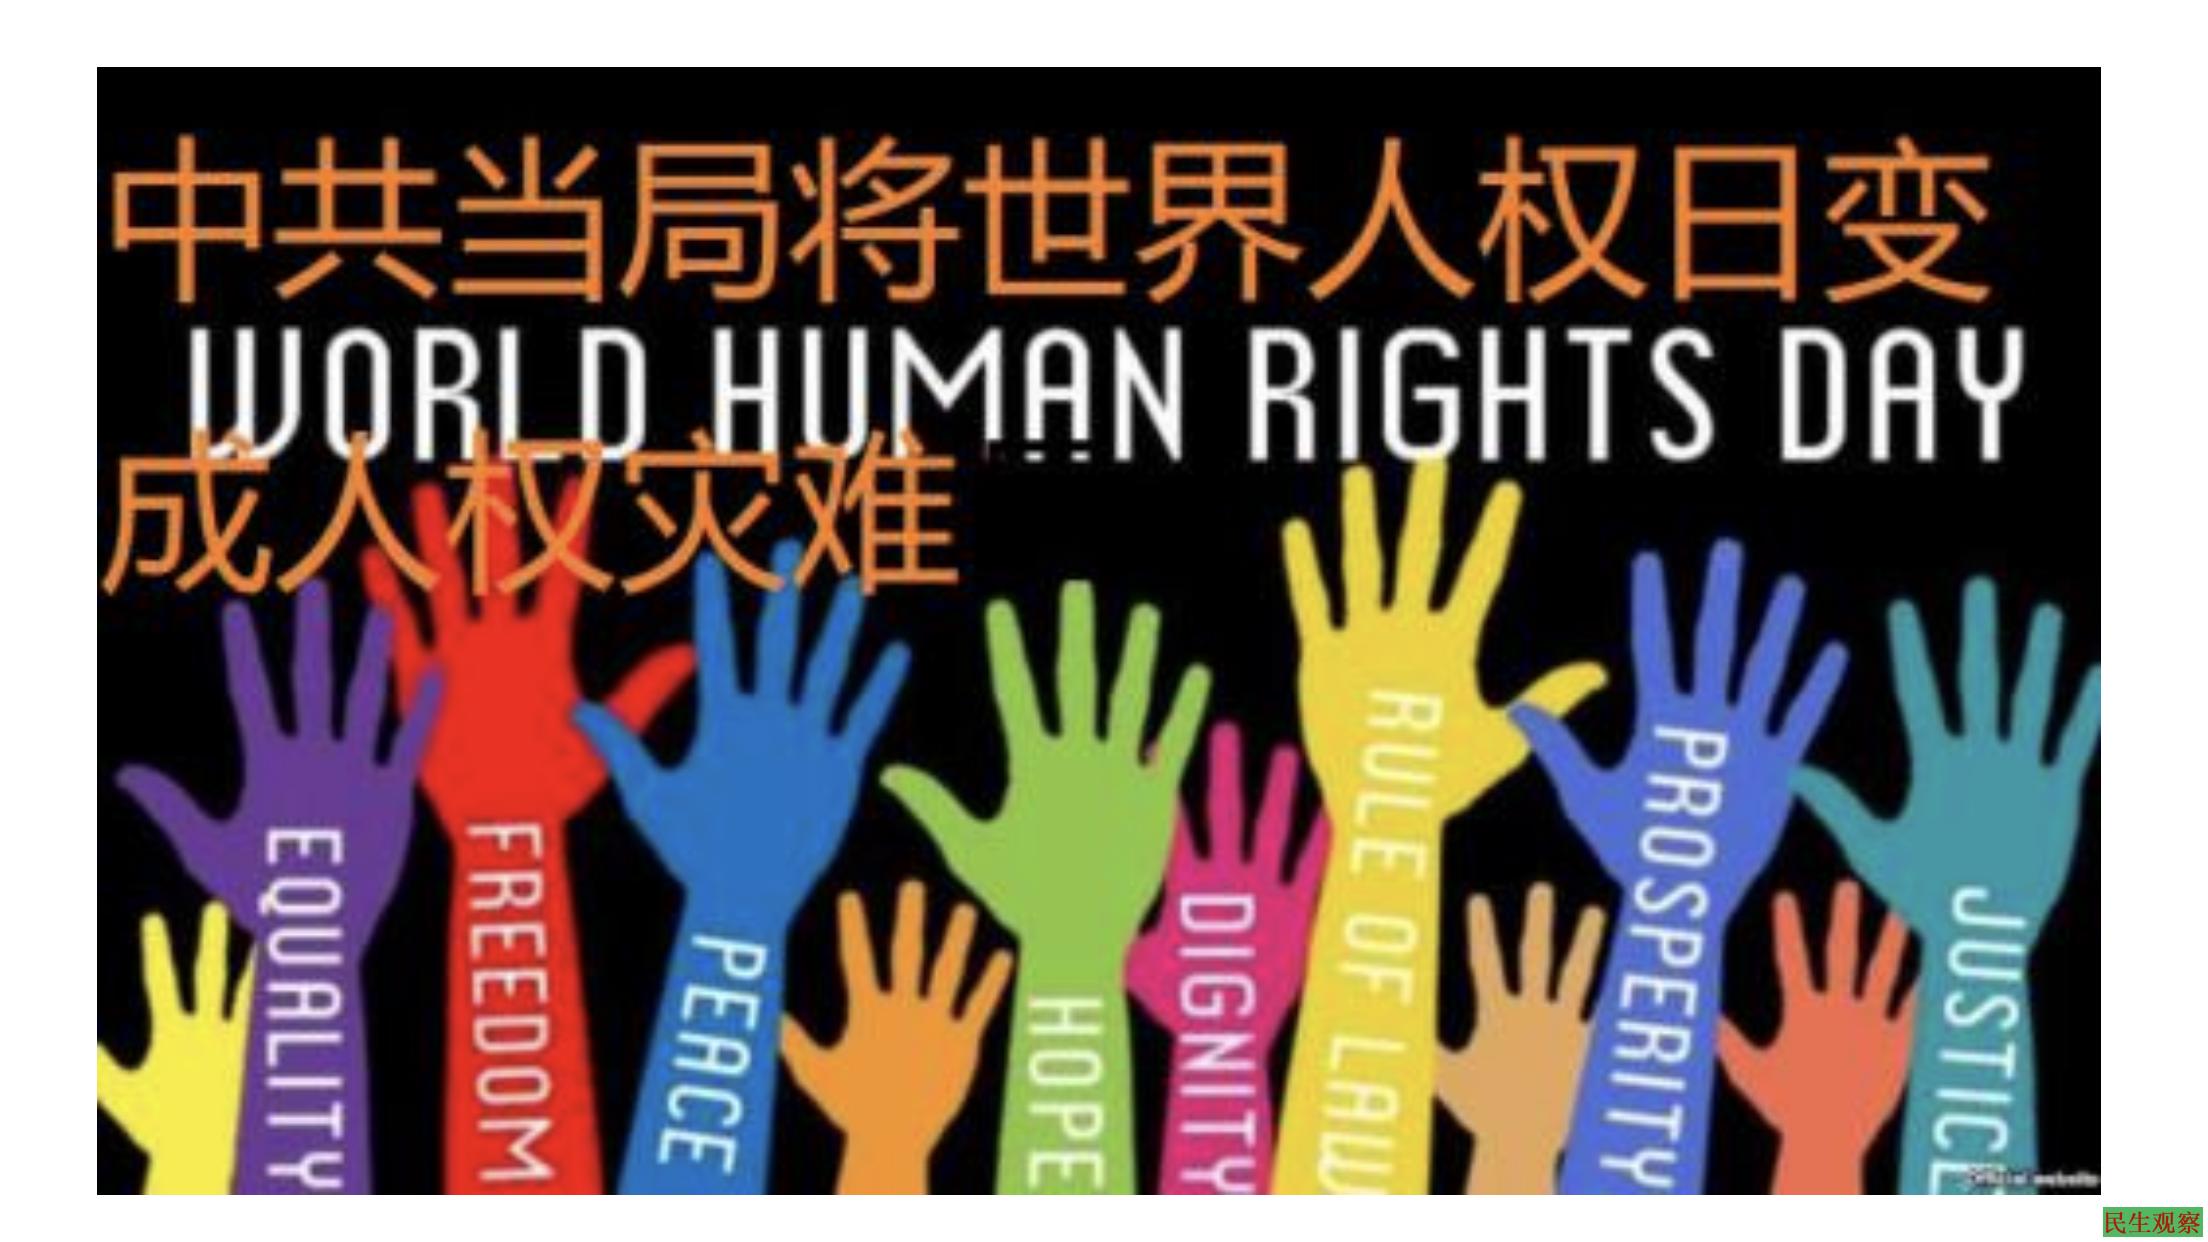 抗议将世界人权日变成人权灾难日